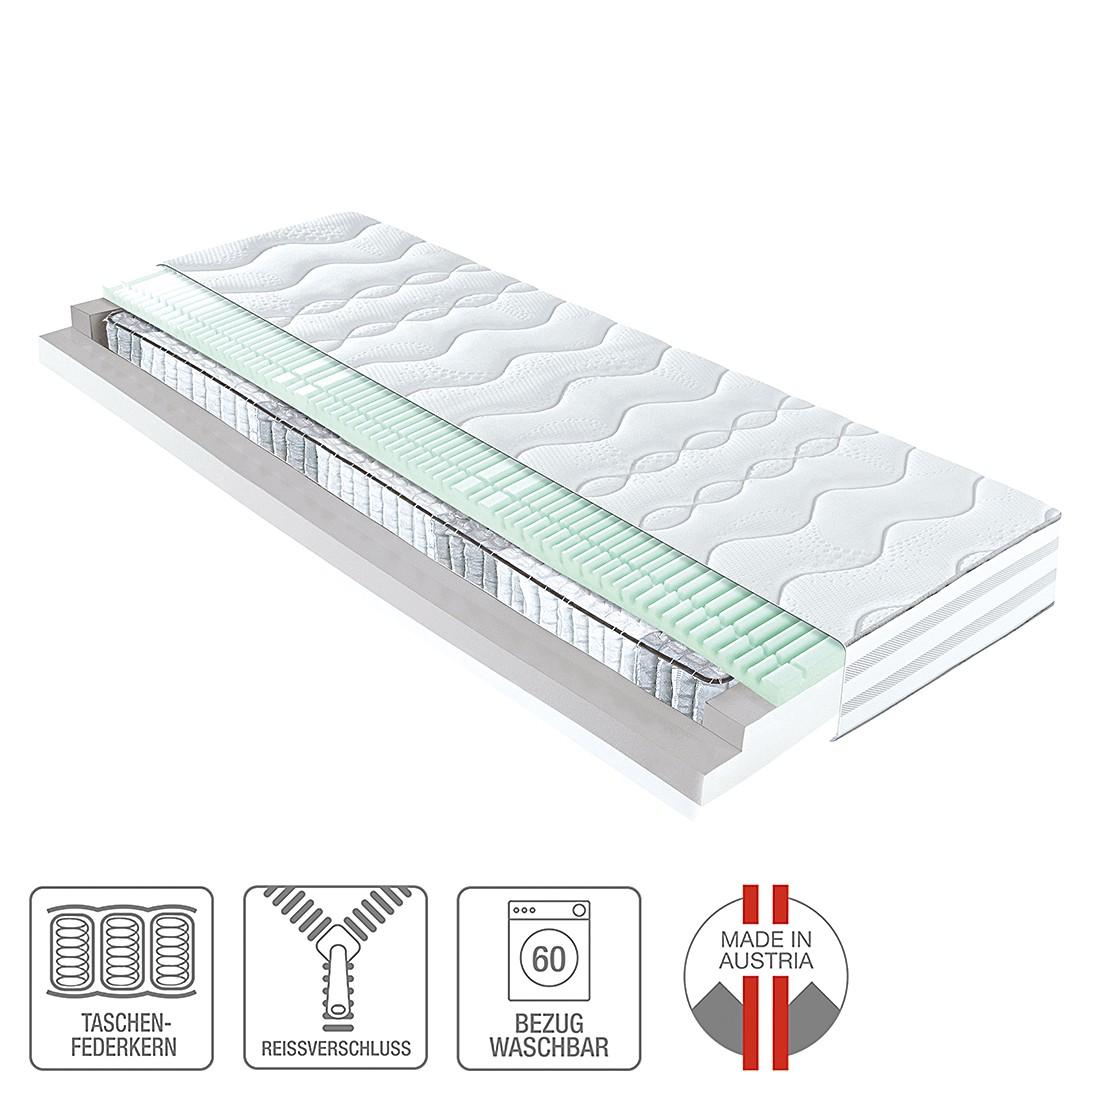 7-Zonen Taschenfederkernmatratze Concept 1000 – 100 x 200cm – H2 bis 80 kg, ADA premium online kaufen